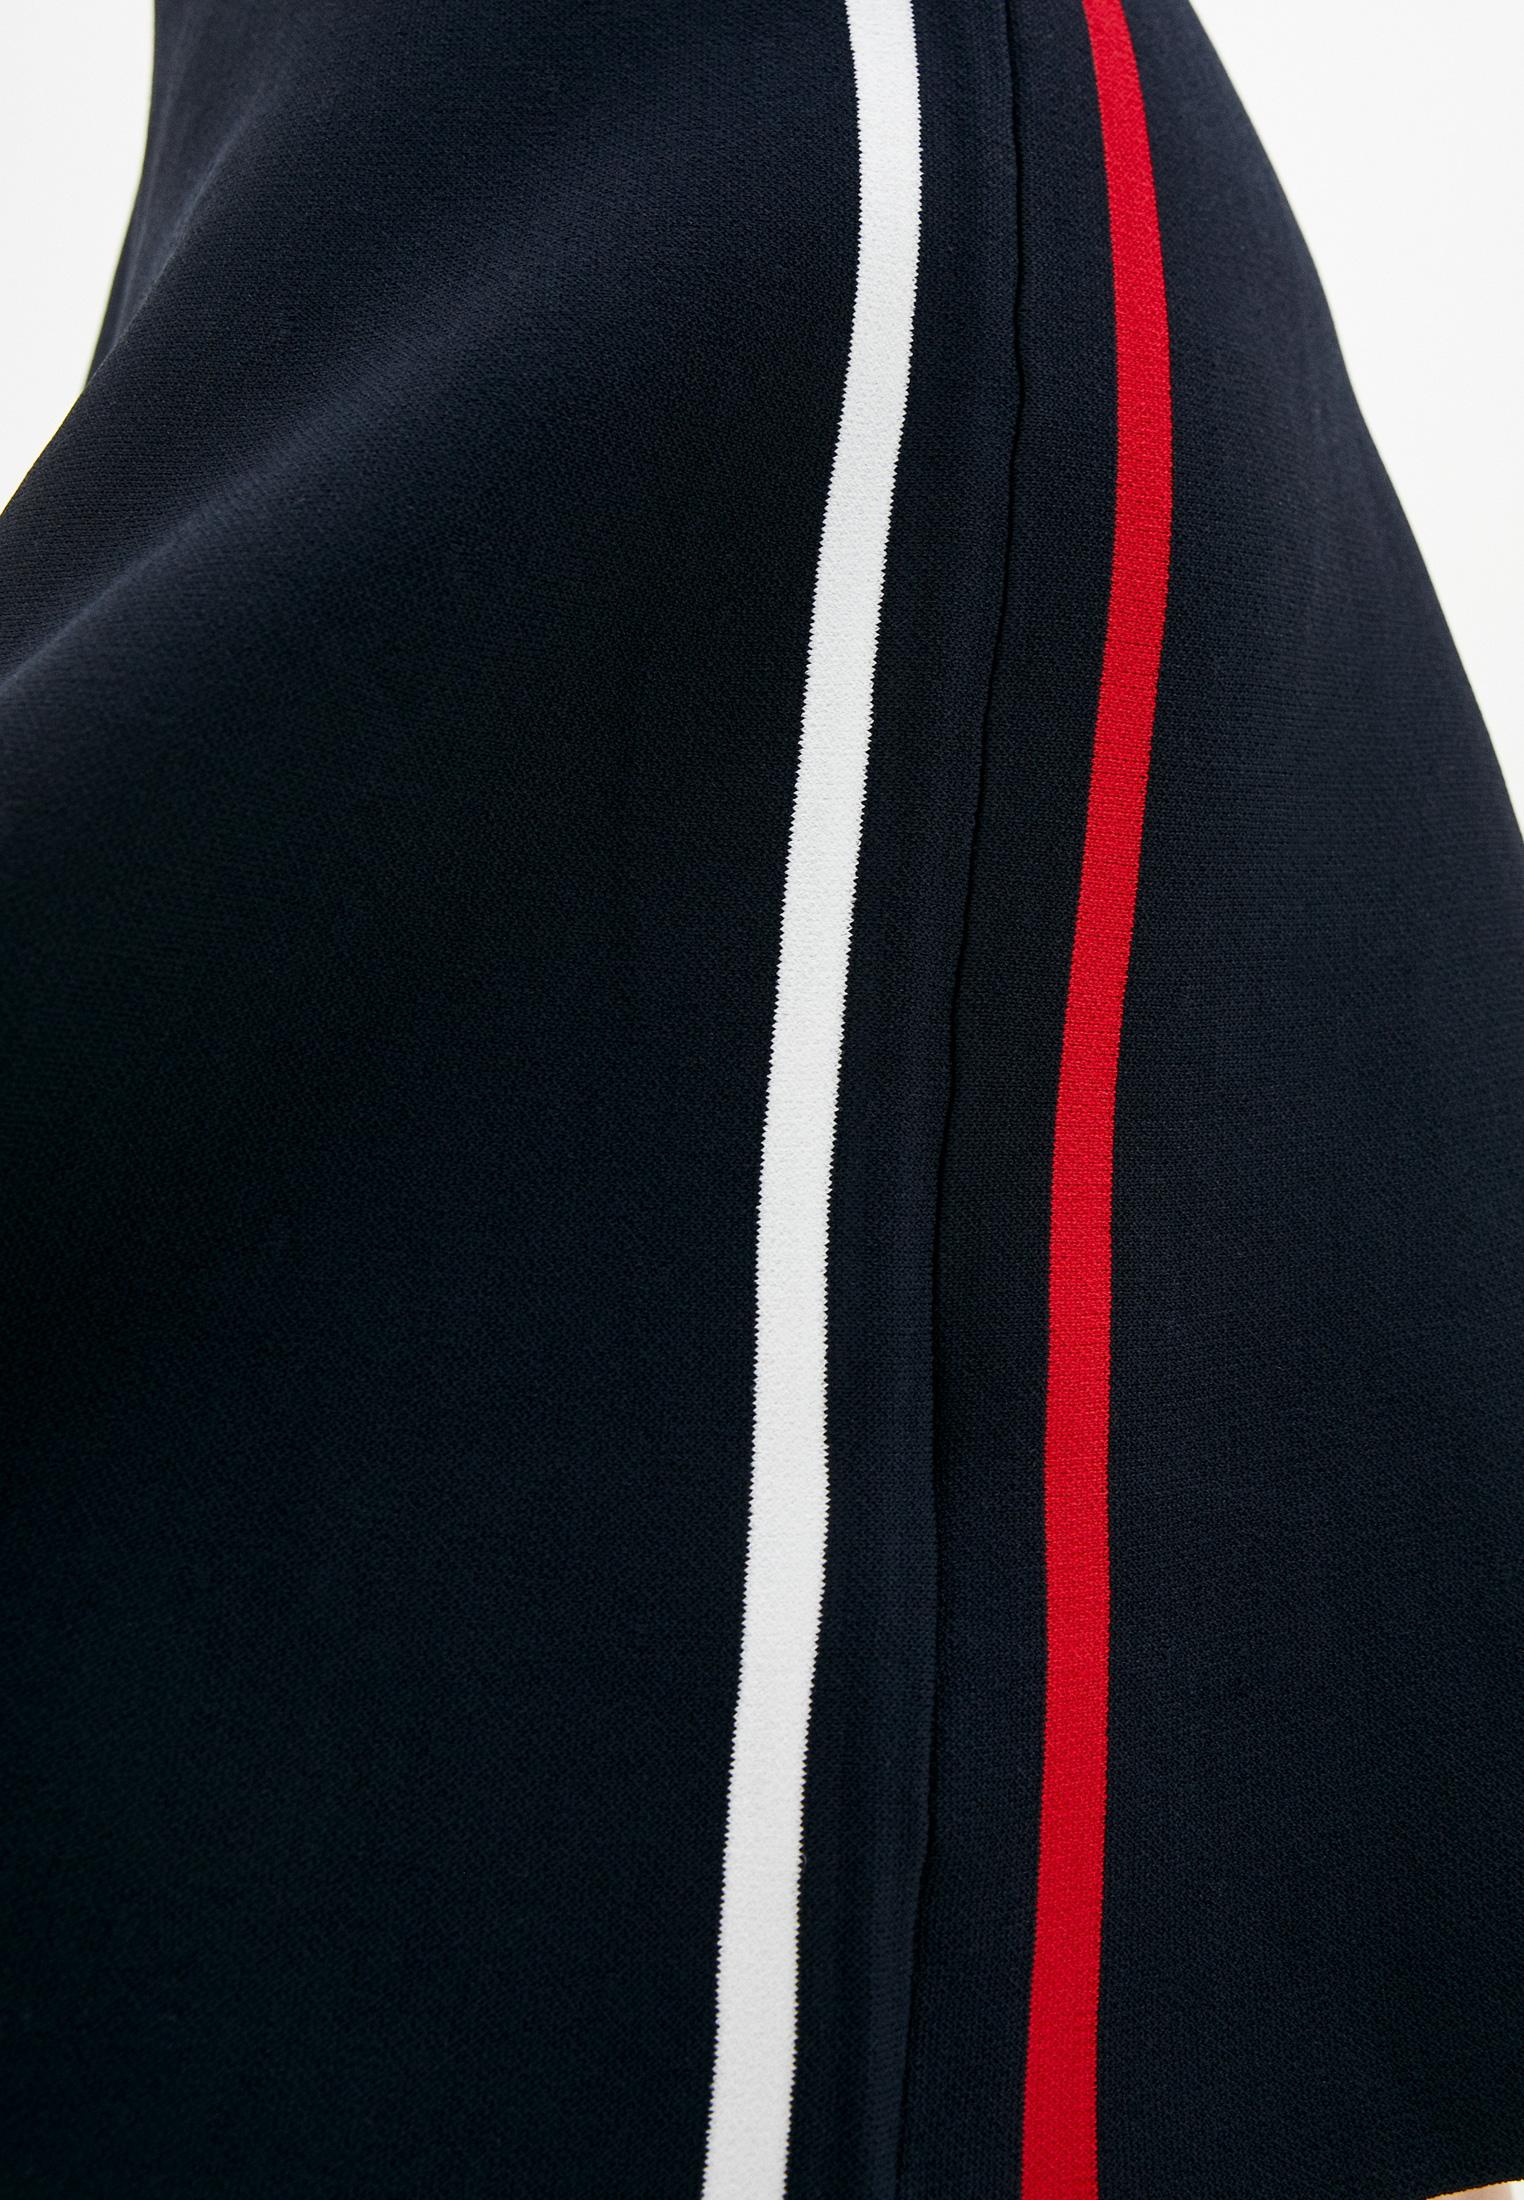 Вязаное платье Tommy Hilfiger (Томми Хилфигер) WW0WW30686: изображение 4